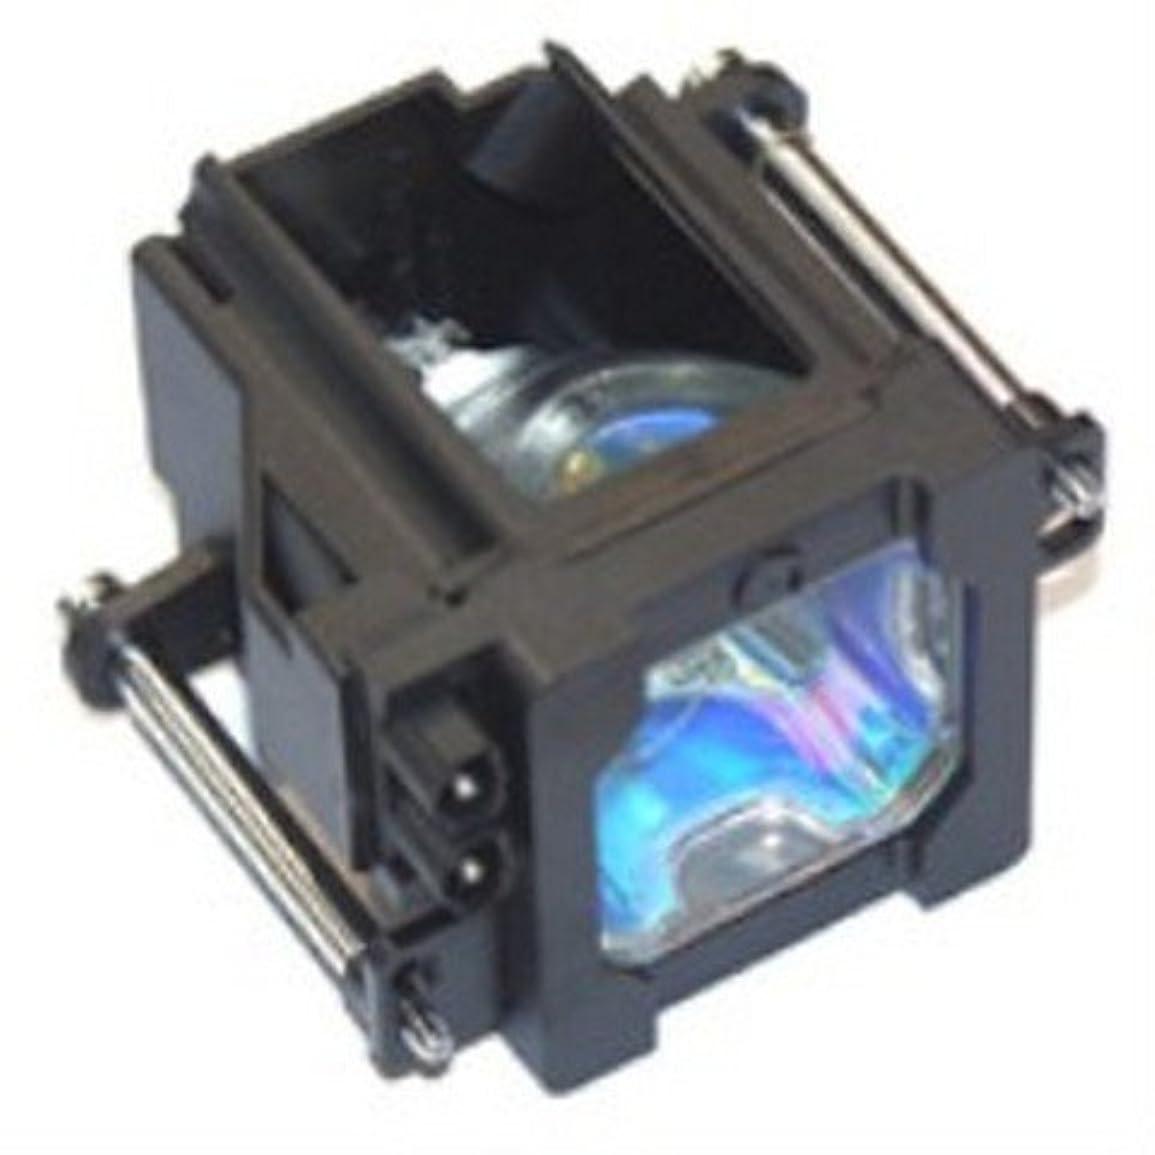 検索エンジンマーケティング一部おんどりJVC hd-56g657テレビ背面投影ランプアセンブリwithオリジナルバルブ内側